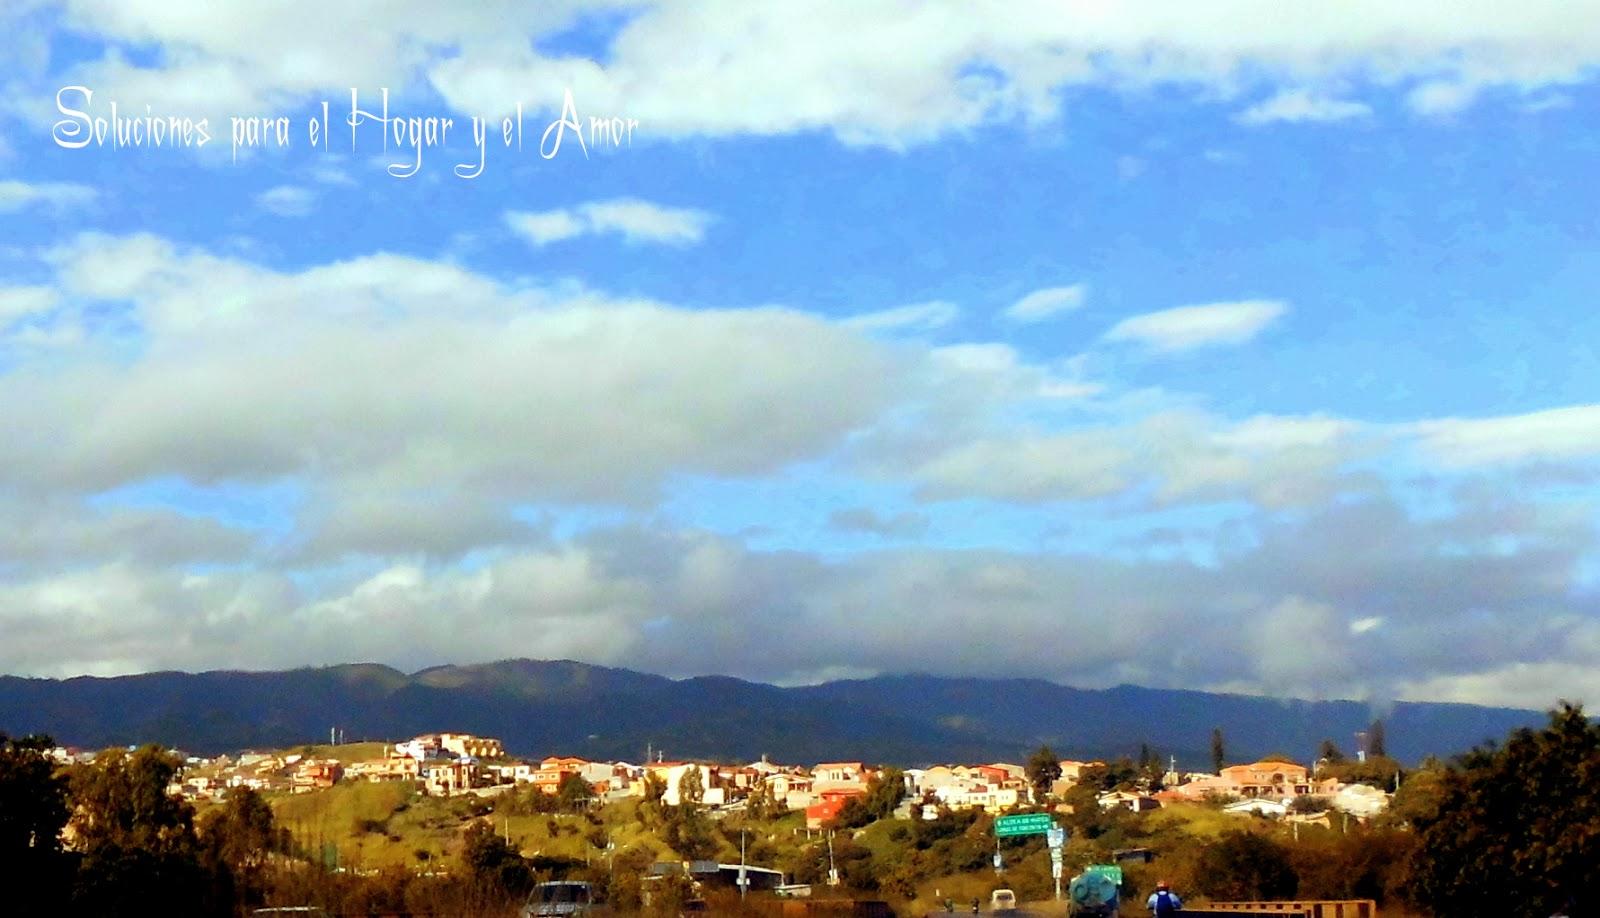 Paisaje de Tegucigalpa